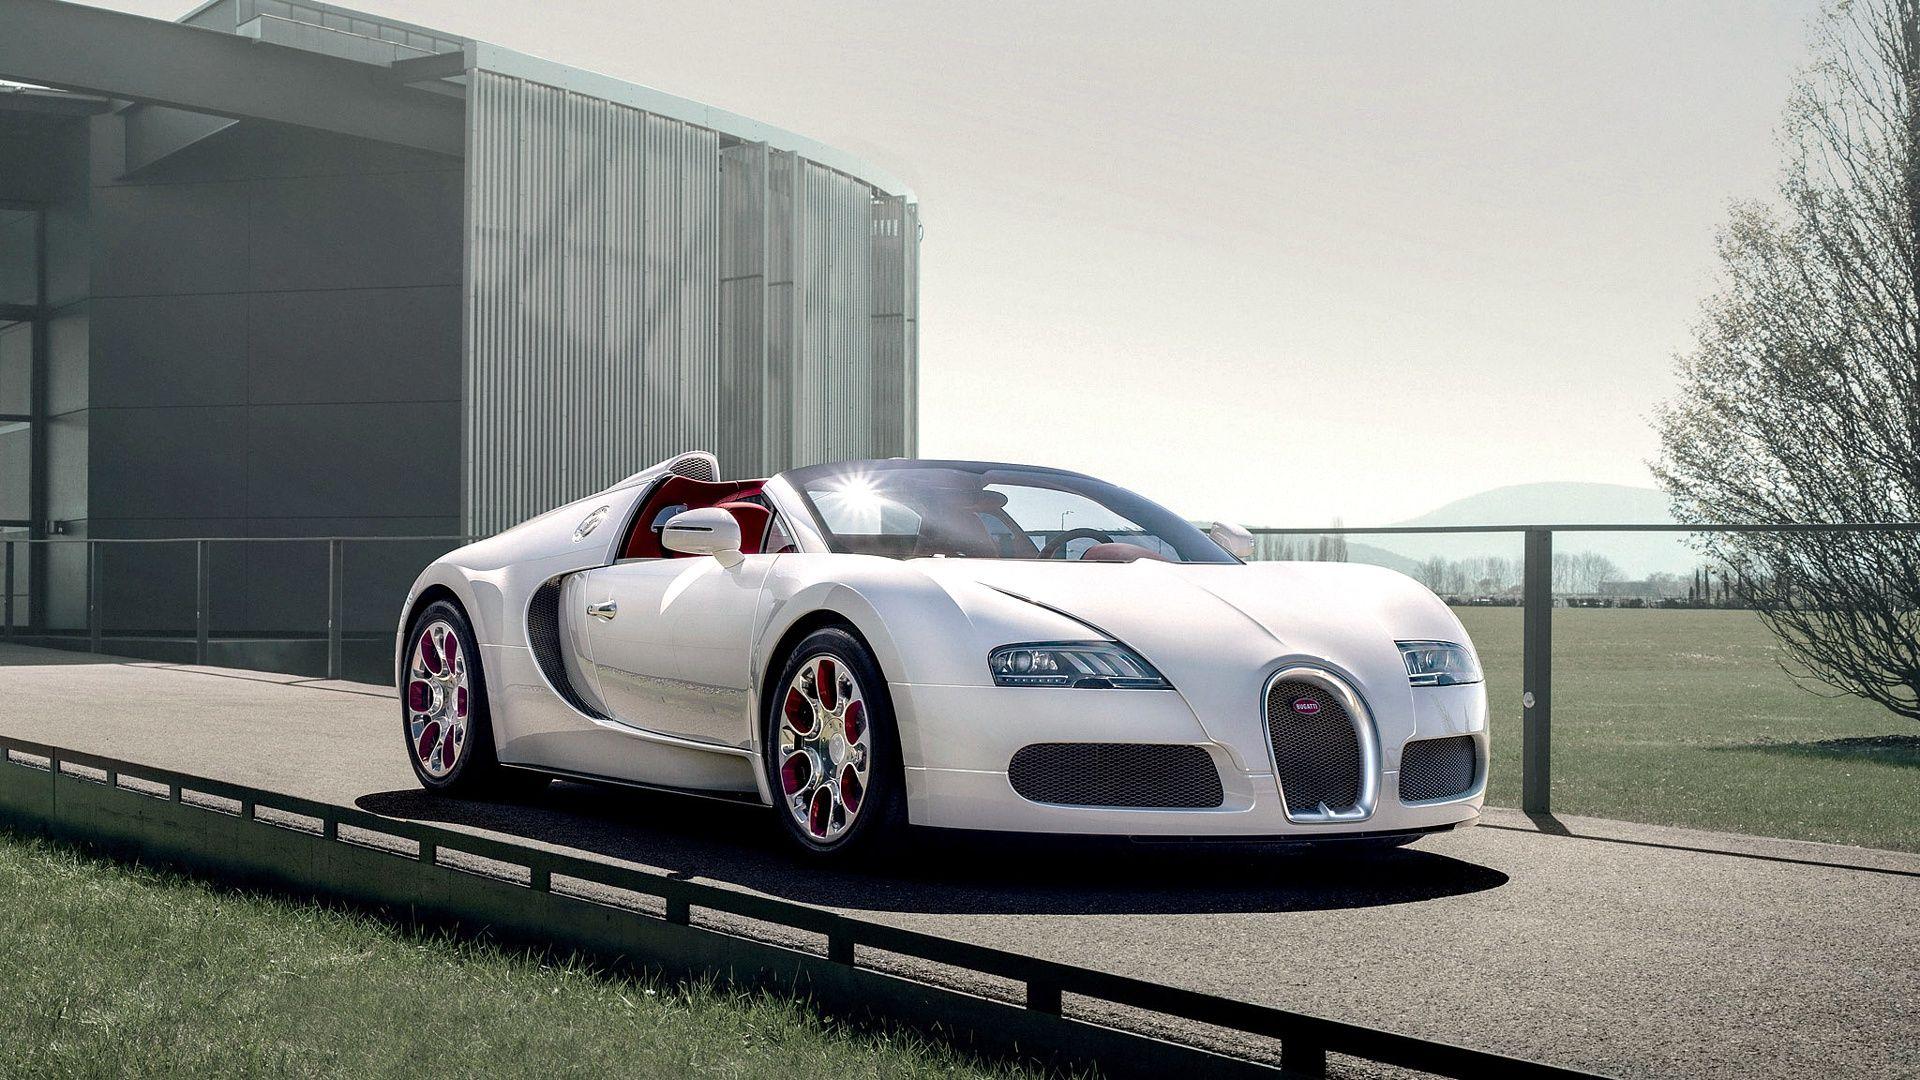 b18f06feb563feab9efc564336839b3c Stunning Bugatti Veyron Super Sport White Cars Trend